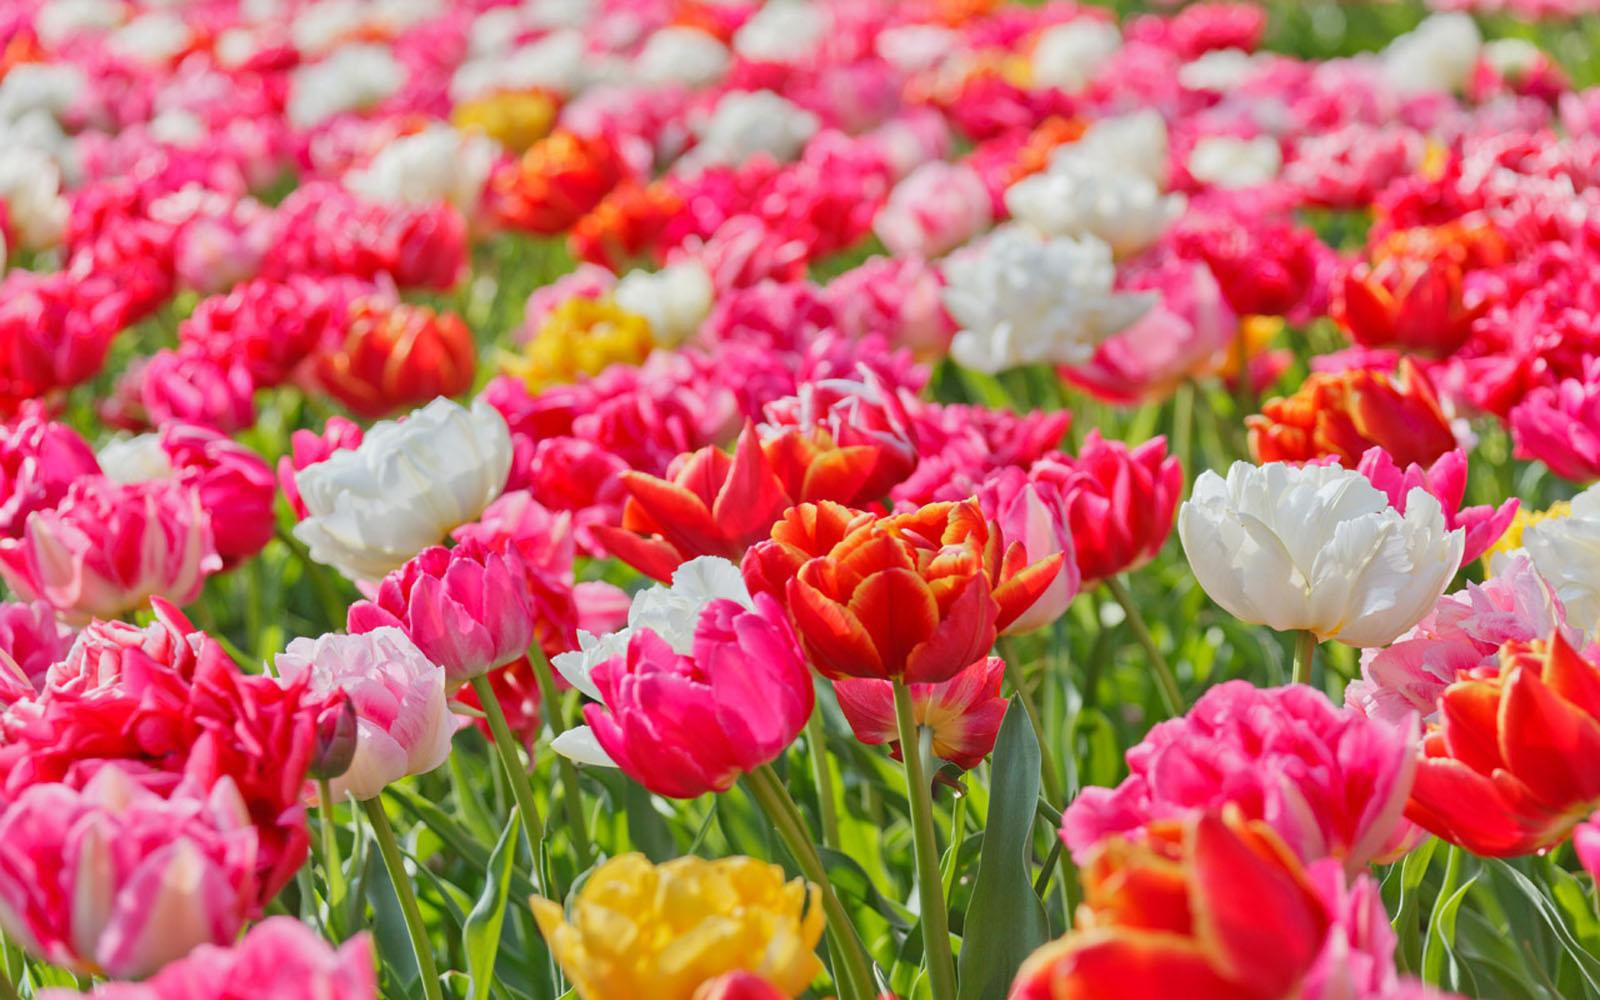 Gambar Jenis-jenis Bunga Terindah Dari Berbagai Penjuru Dunia | Kuya Hejo